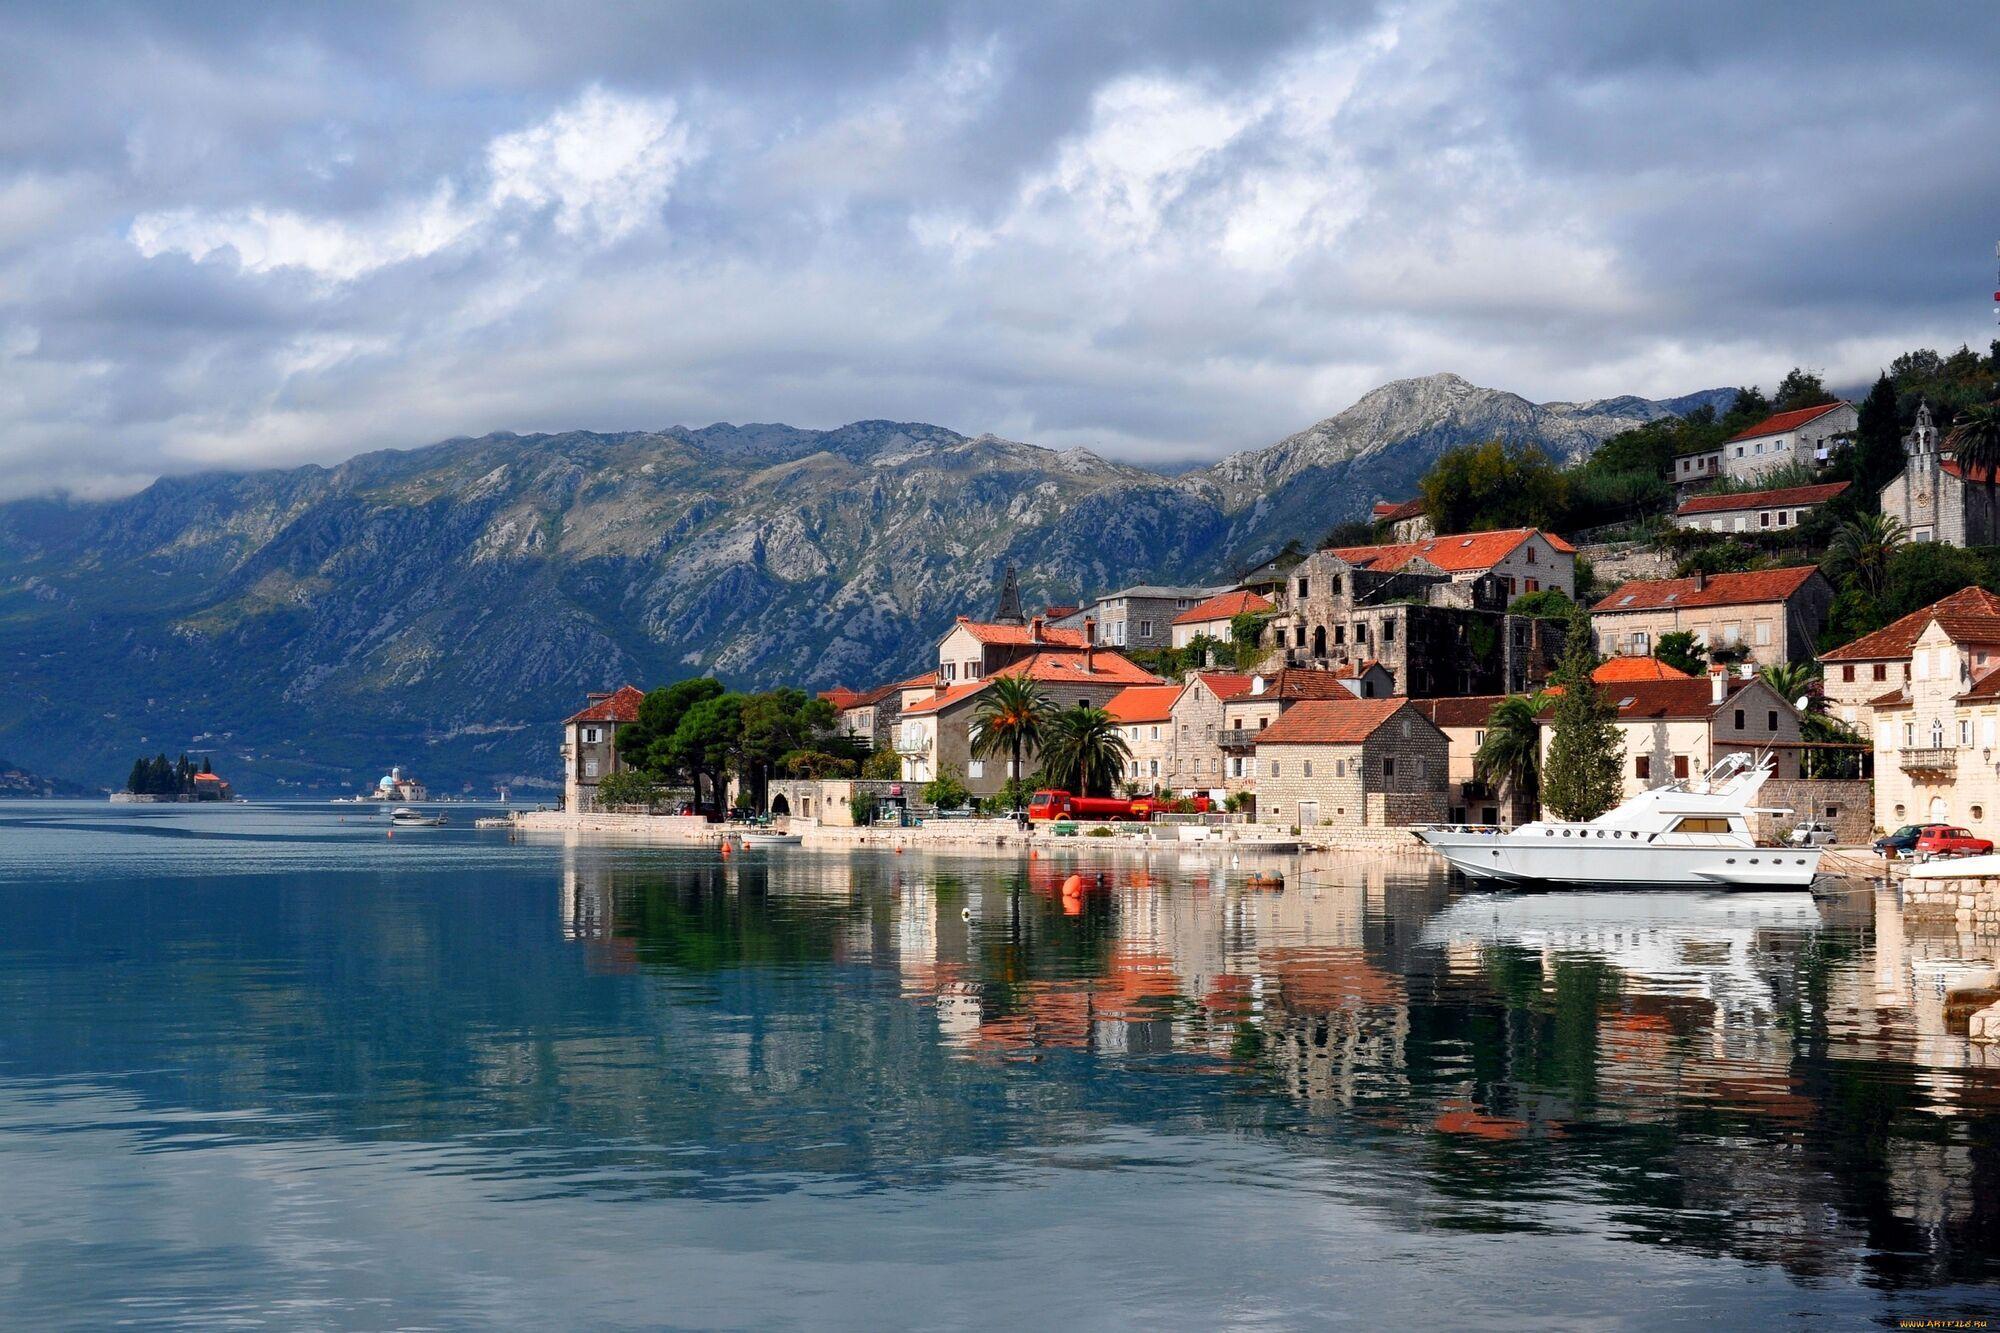 Ціни на продукти і послуги в Чорногорії різко будуть падати, від'їжджаючи від моря.